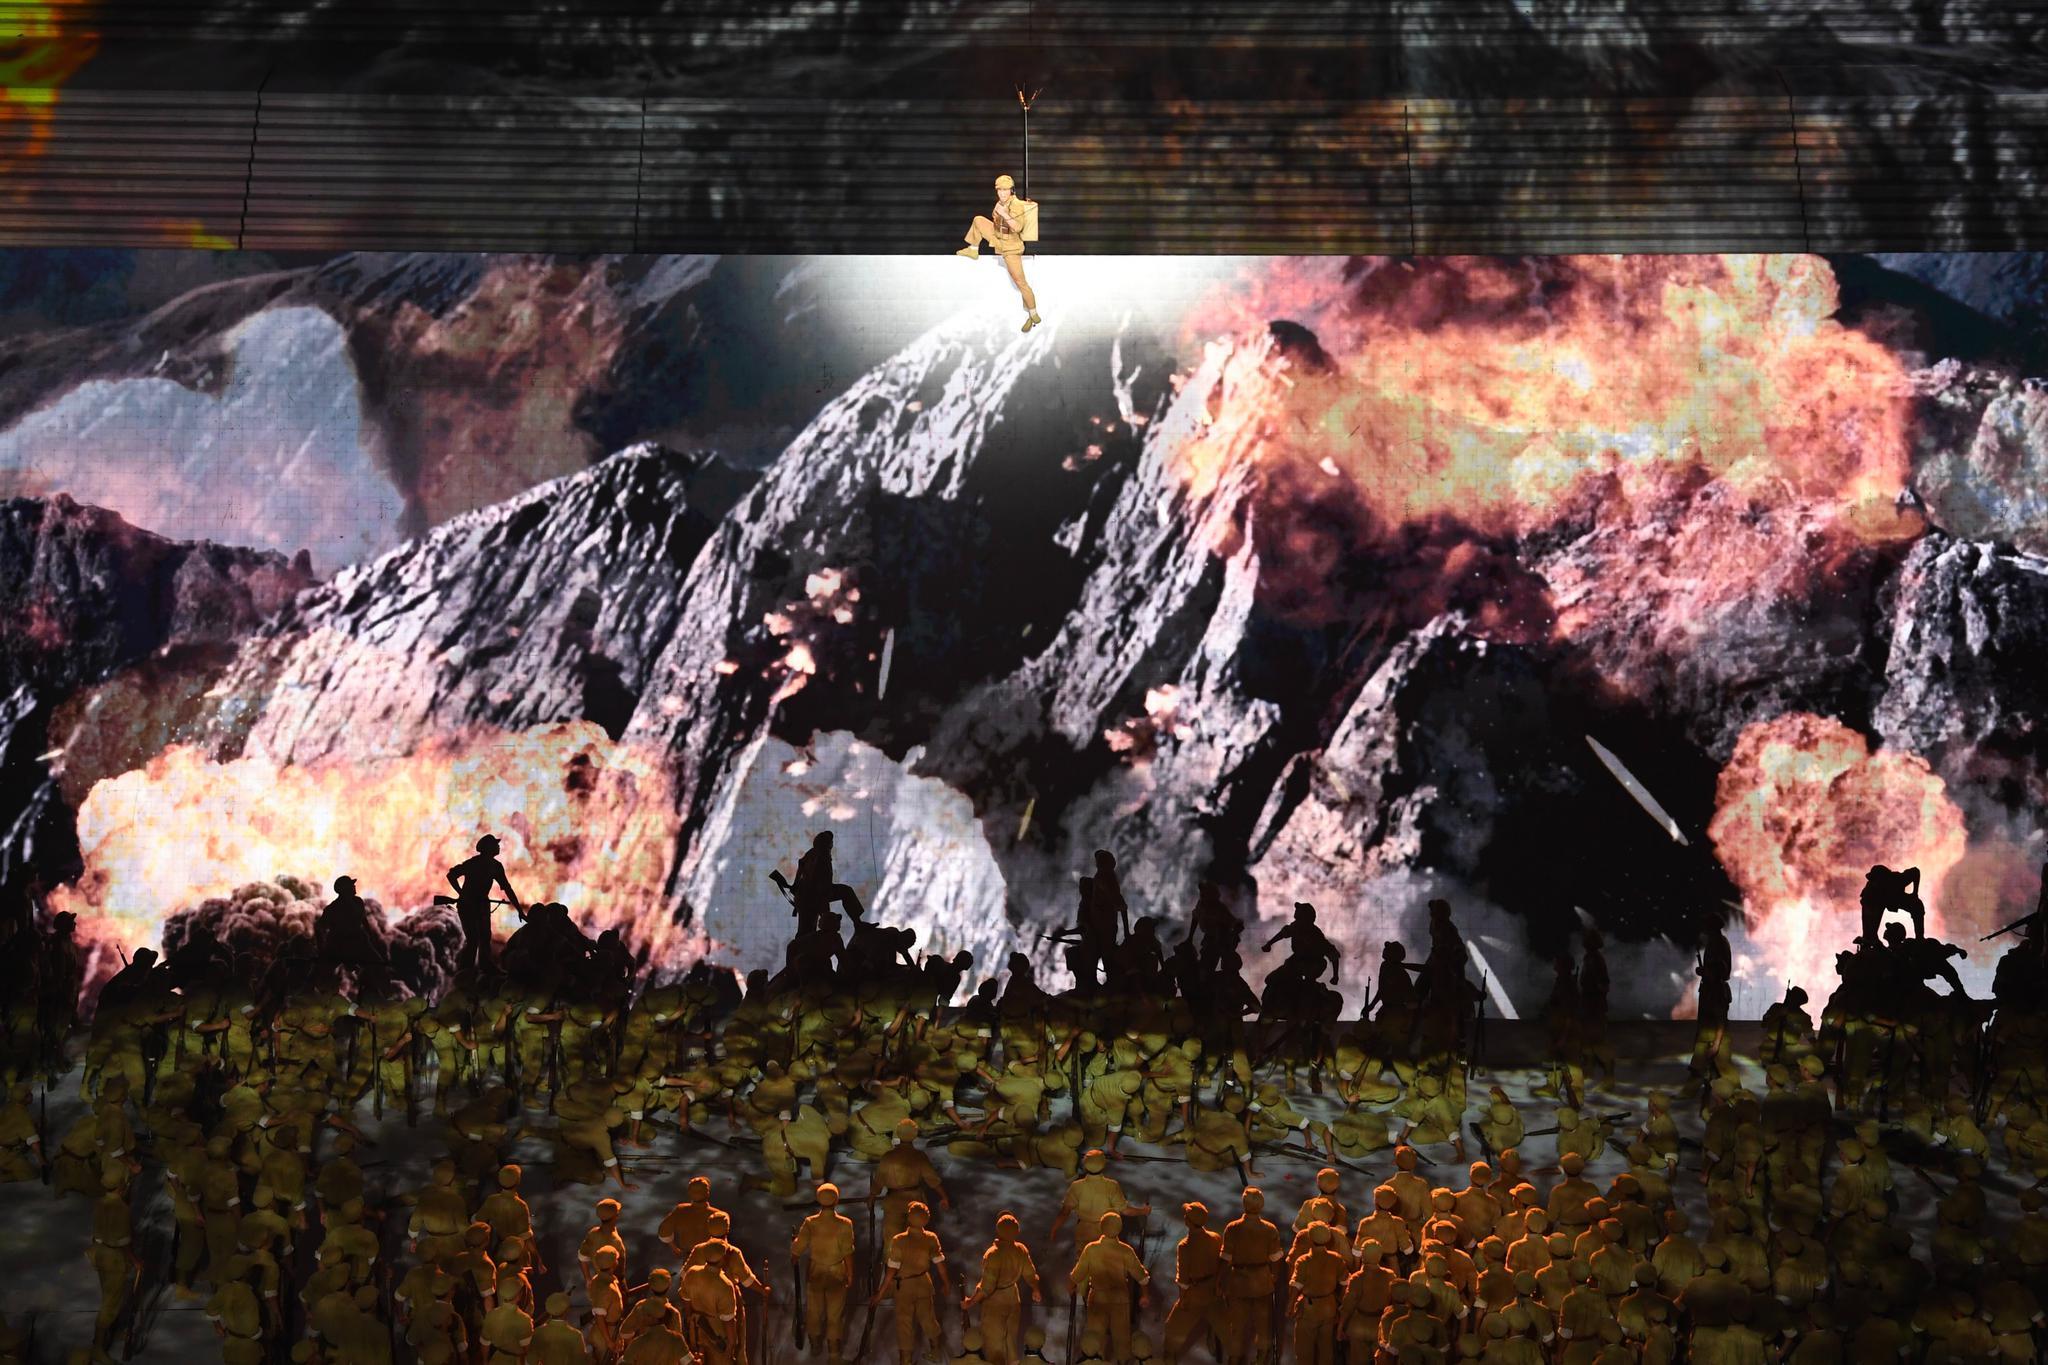 情景合唱与舞蹈节目《战旗美如画》中,舞台地面中央长30米、宽9米的翻屏缓缓升起